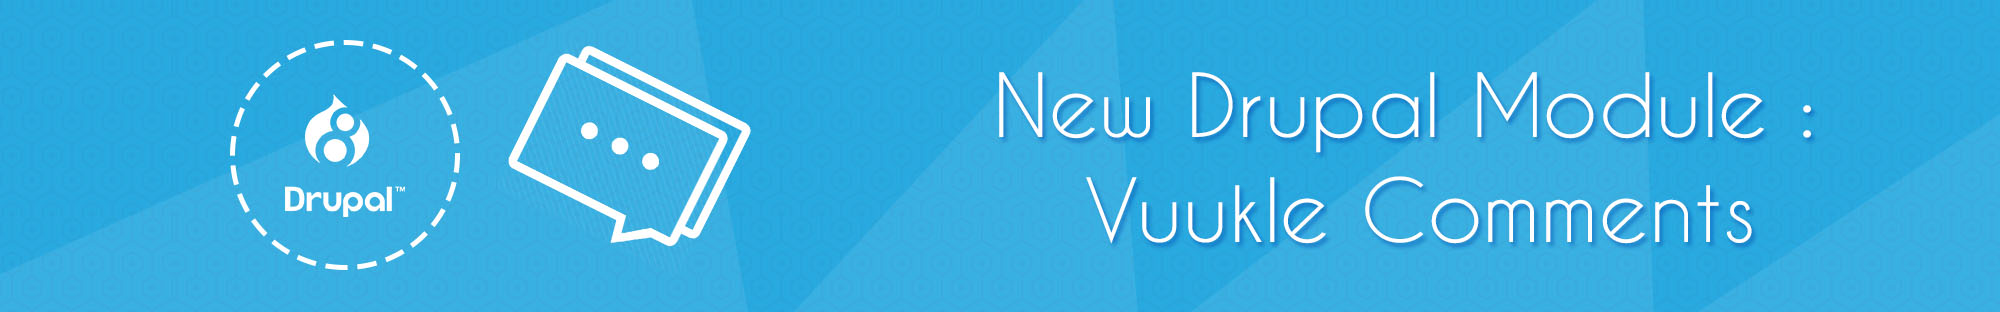 New Drupal Module Vuukle Comments_Blog